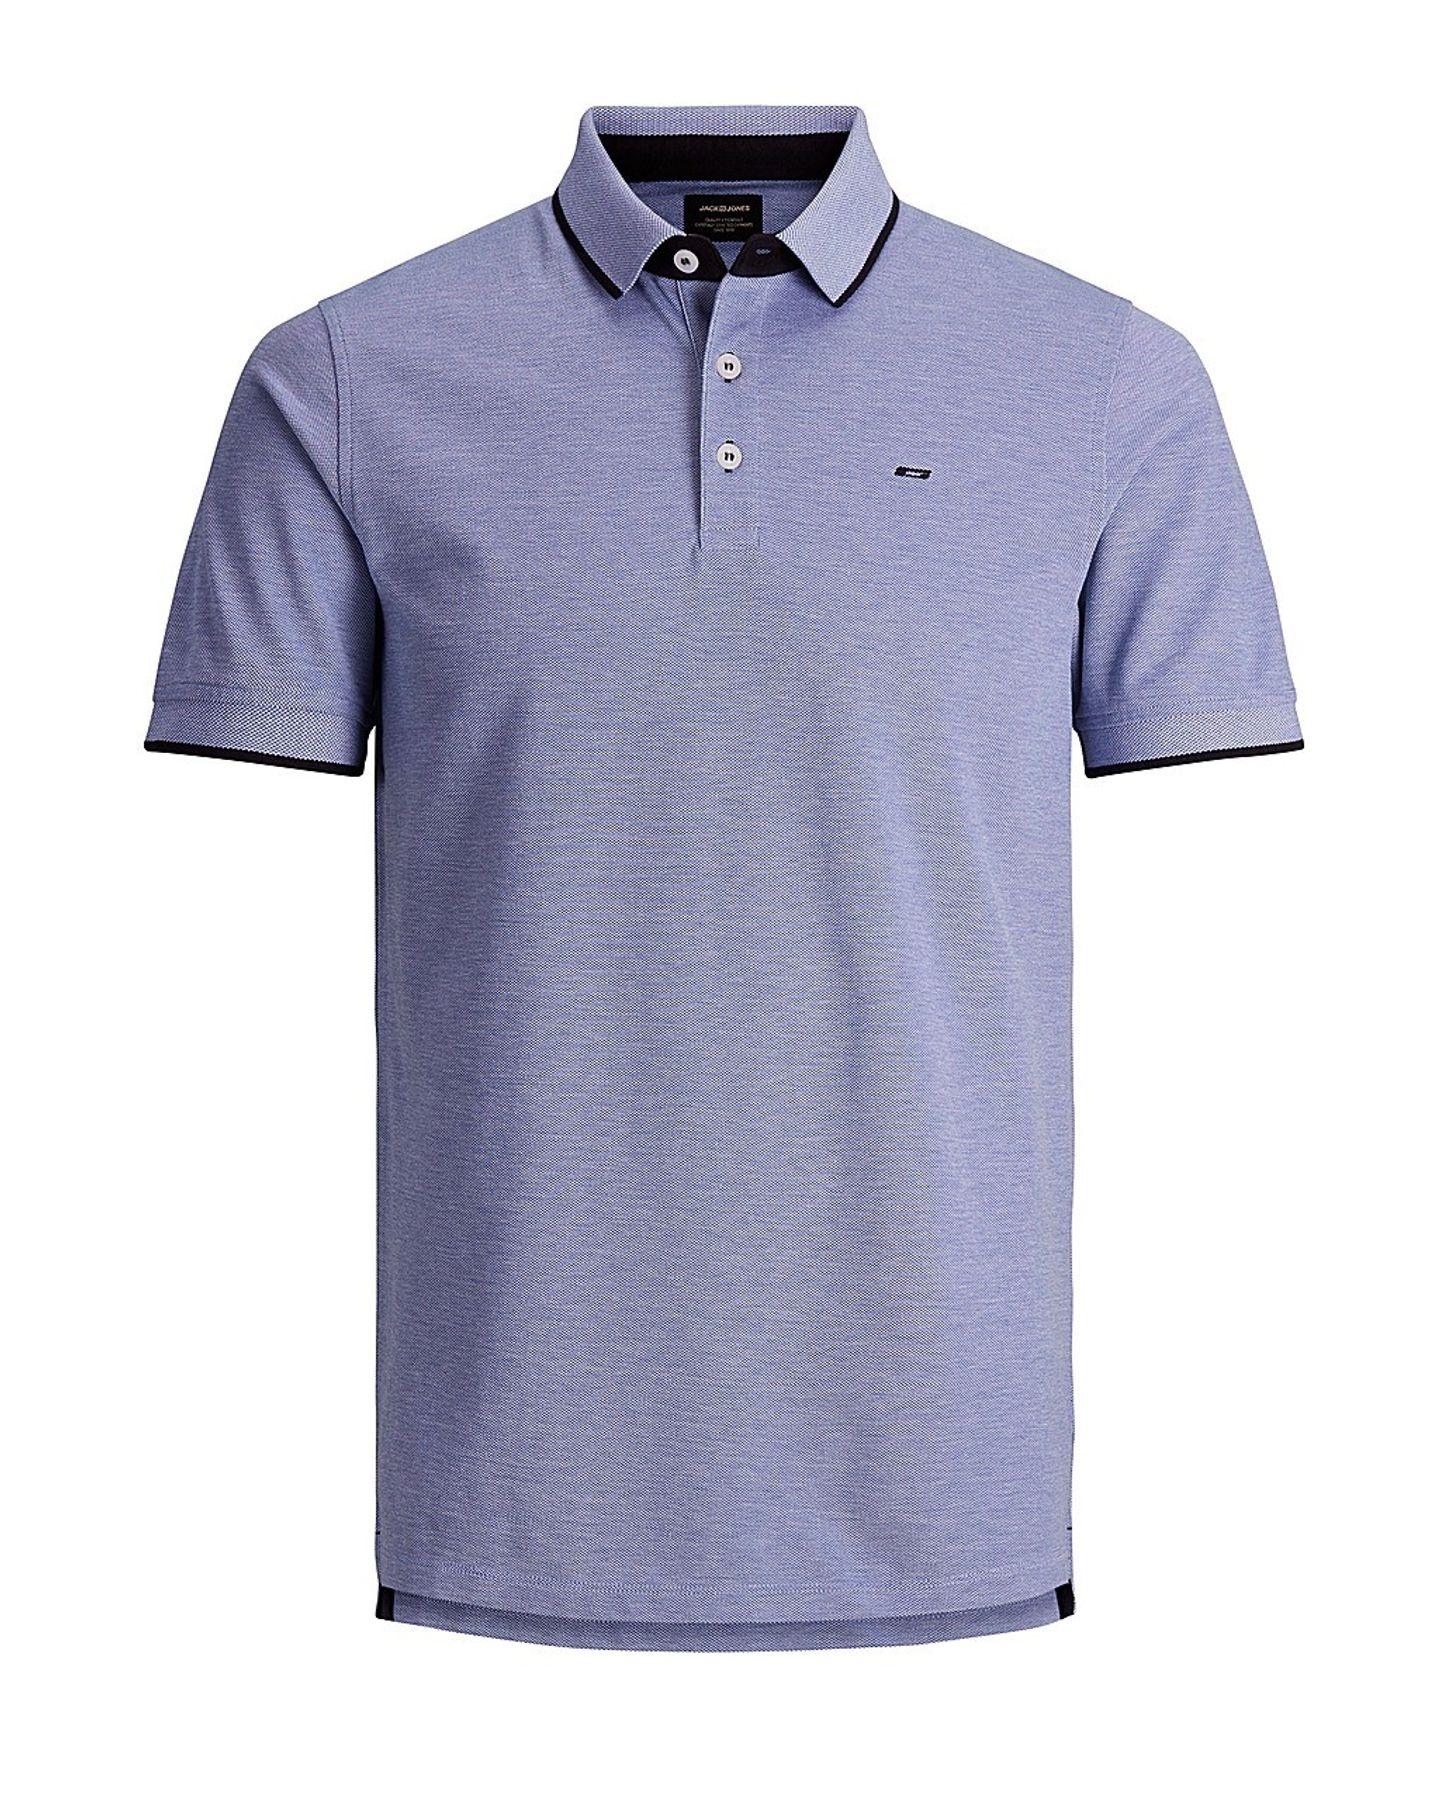 Jack & Jones - Herren Poloshirt, Slim Fit (Art. 12136668) – Bild 3